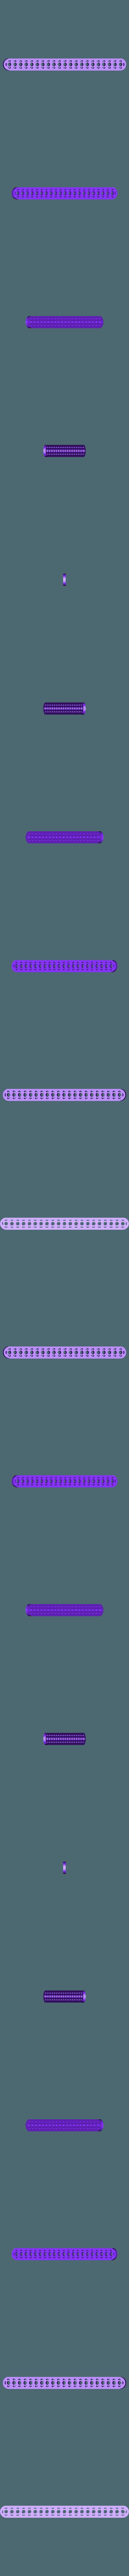 strait_21.STL Télécharger fichier STL gratuit MEGA Expansion 200+ Pièces • Plan à imprimer en 3D, Pwentey